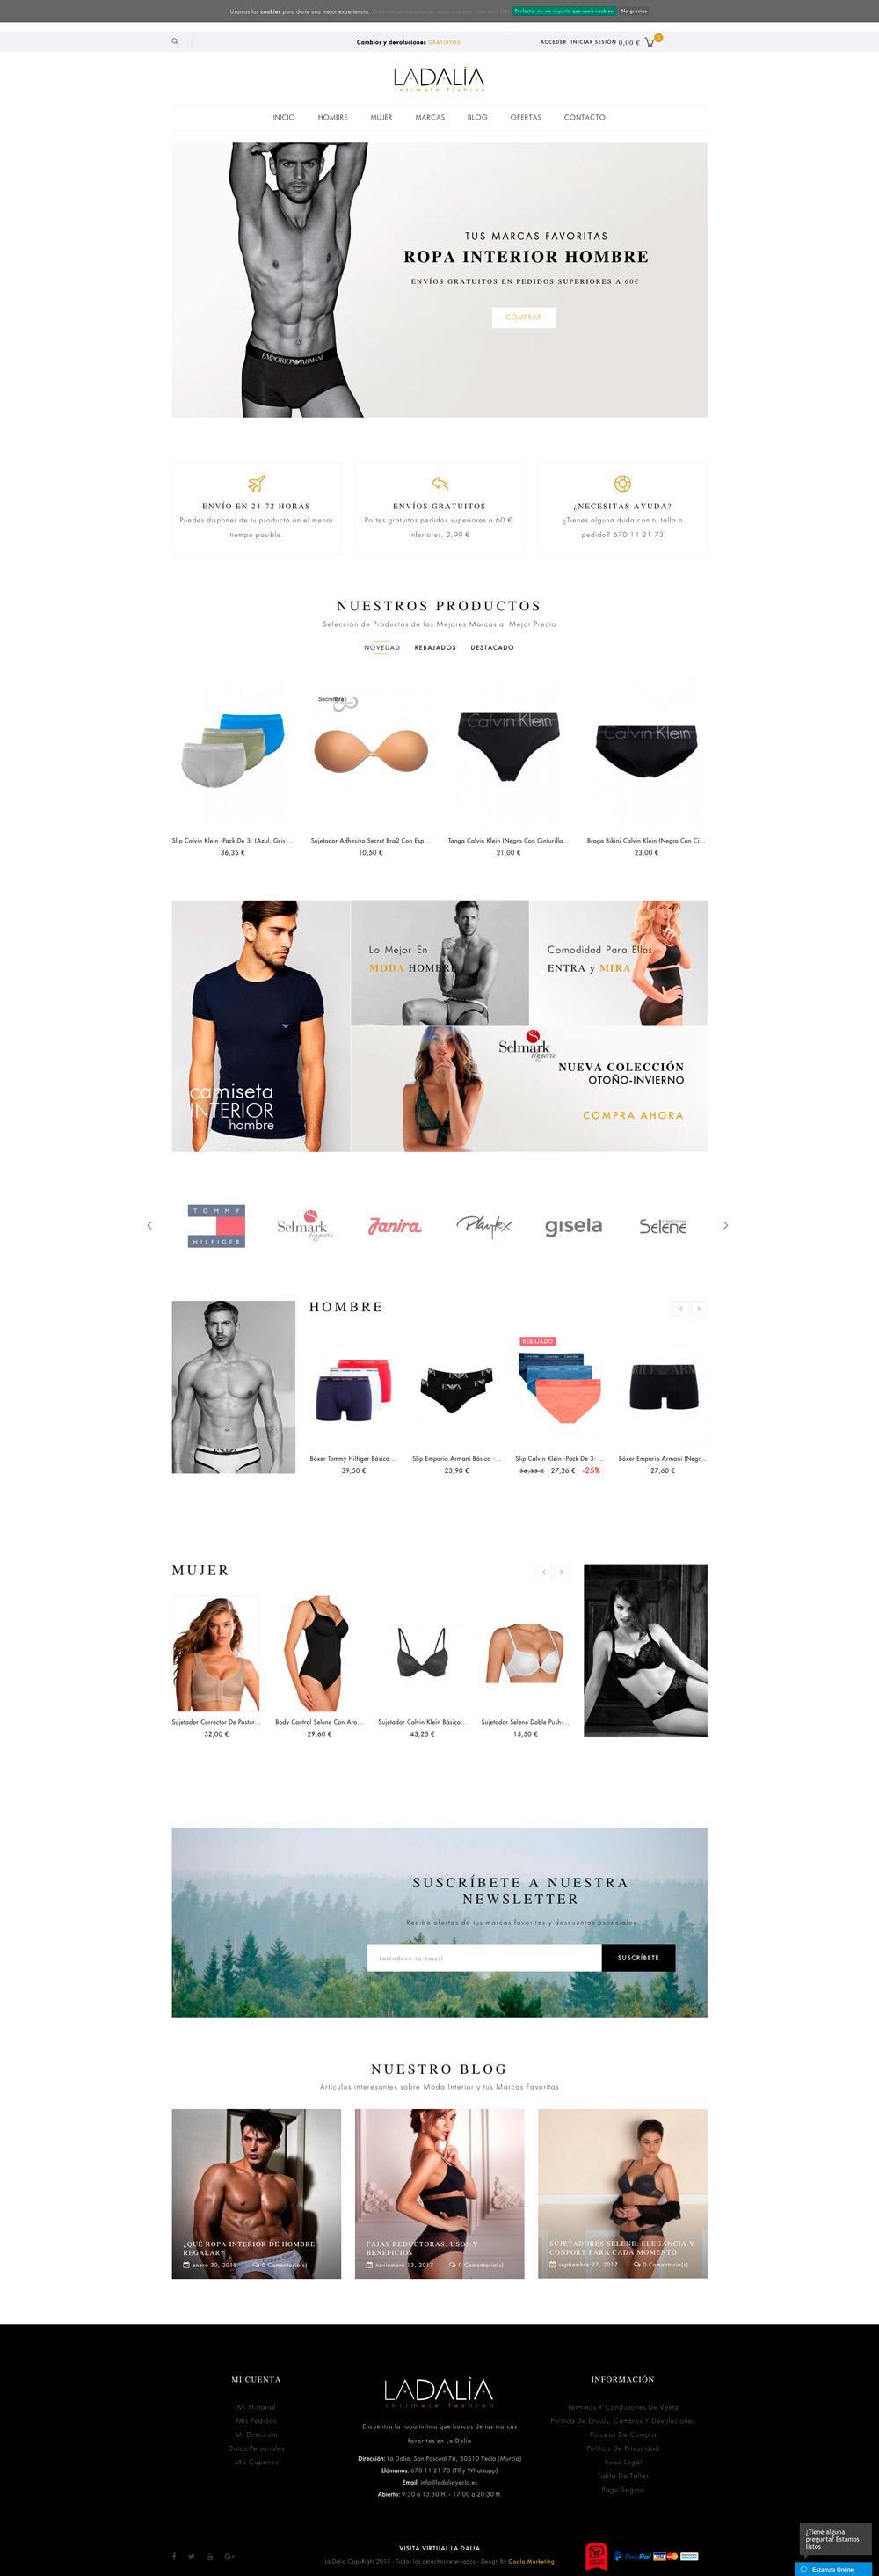 Diseño Tienda Online ropa interior La Dalia yecla